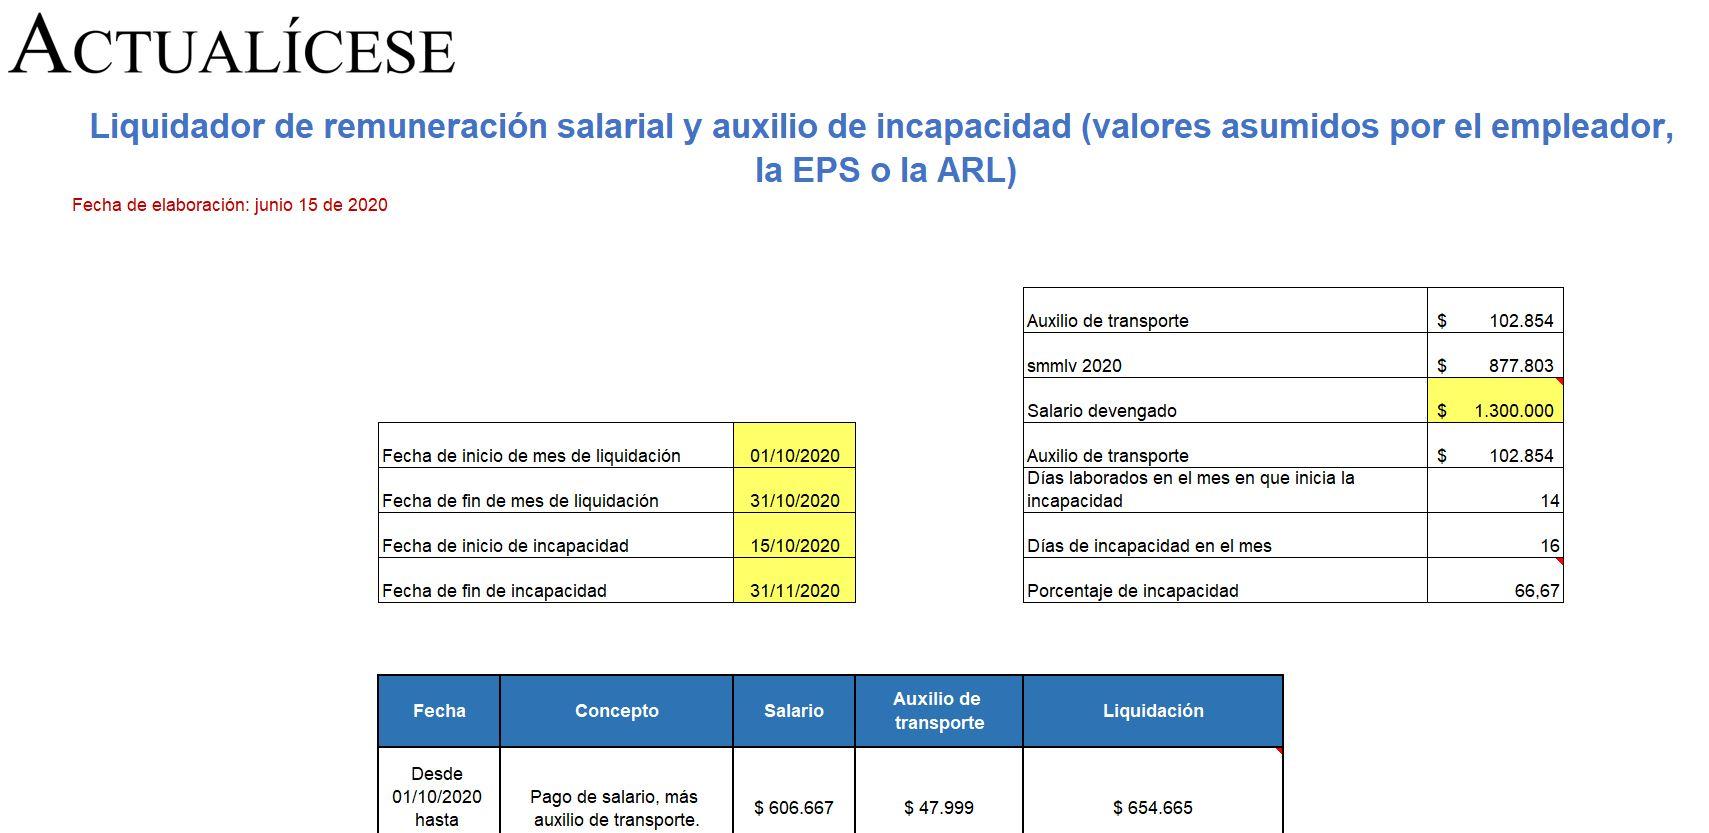 Liquidador de auxilio de incapacidad (valores asumidos por el empleador, la EPS o la ARL)